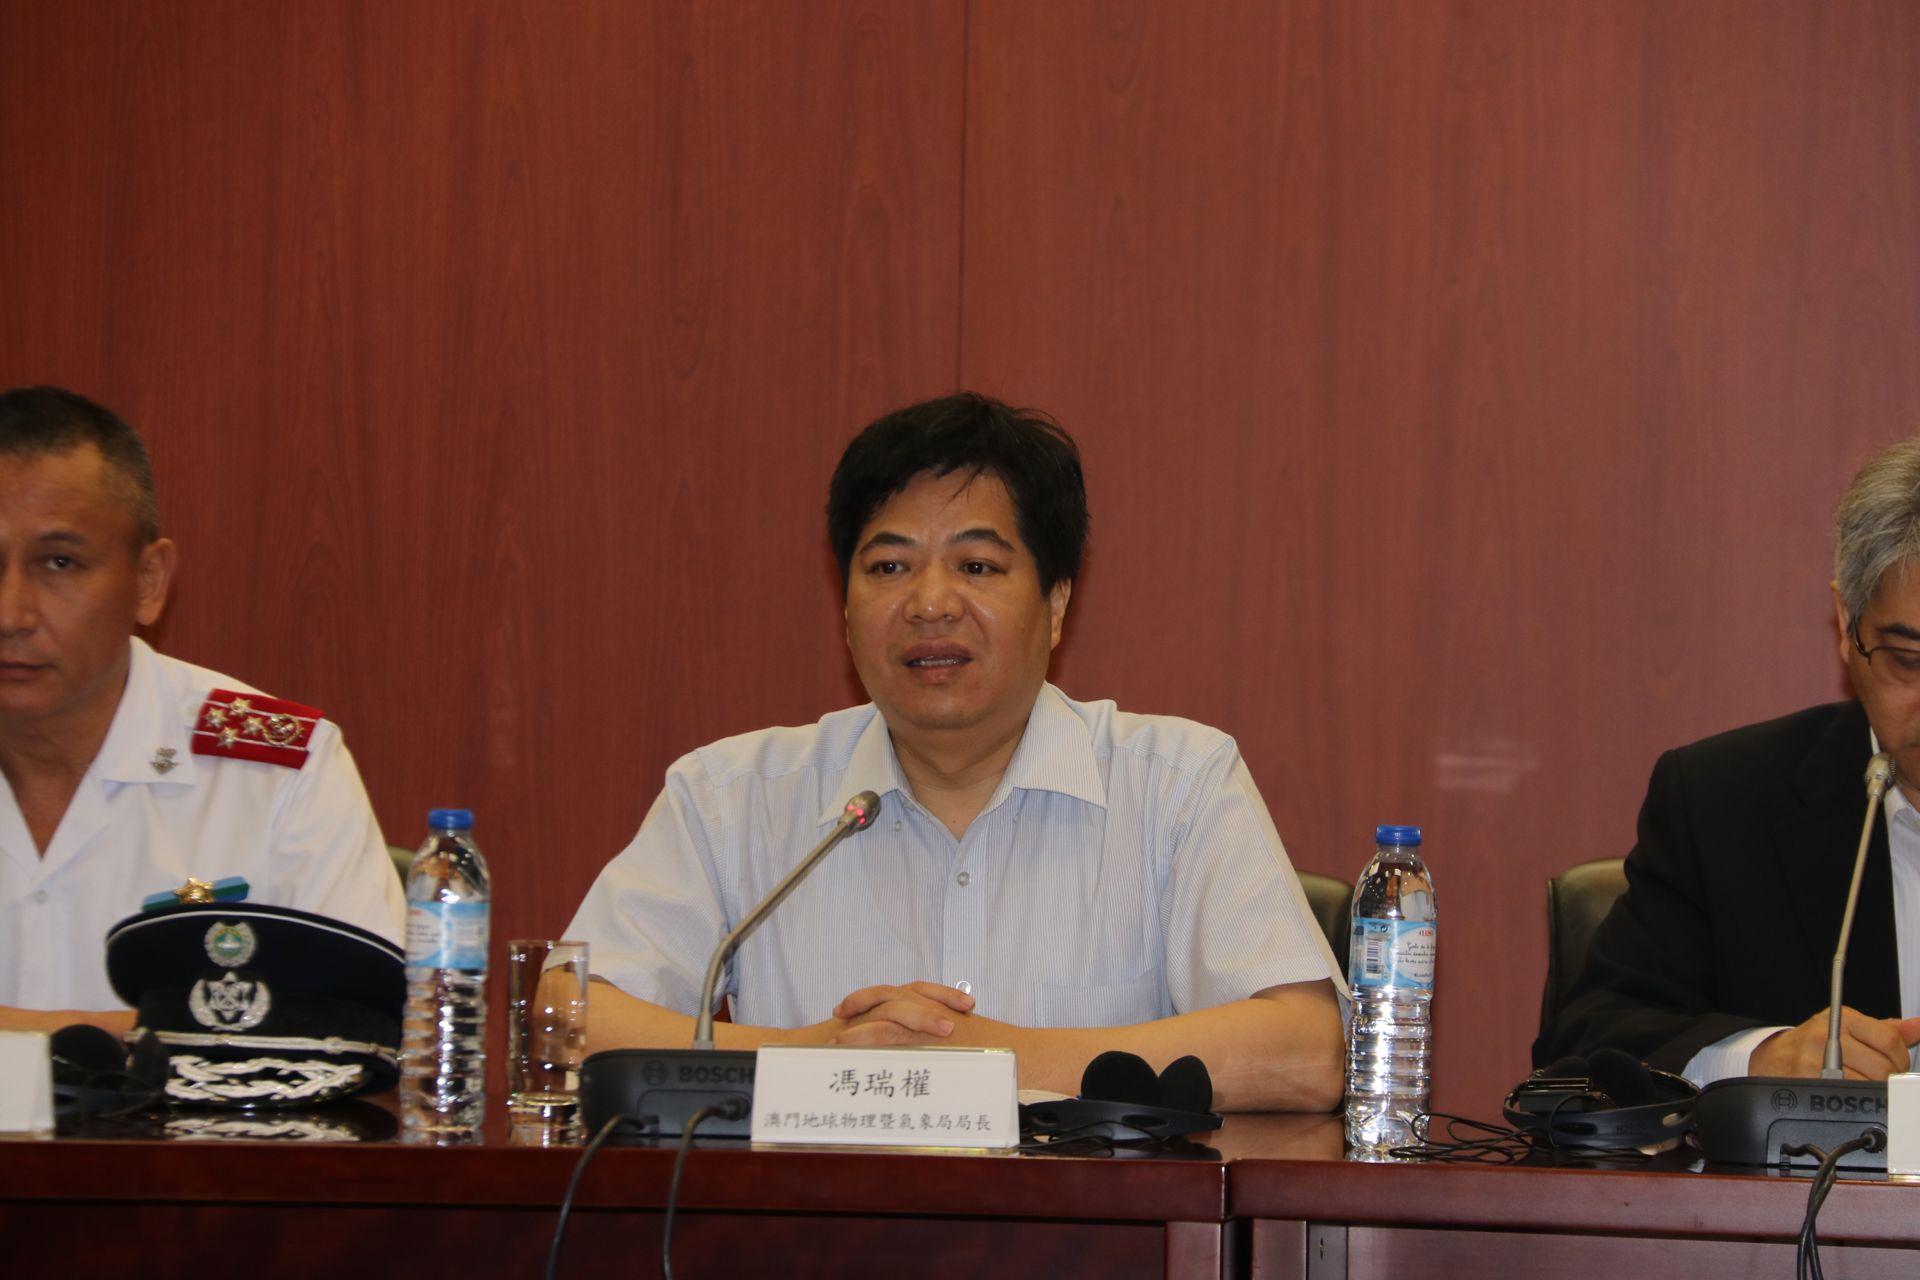 馮瑞權:市民需要的話可道歉